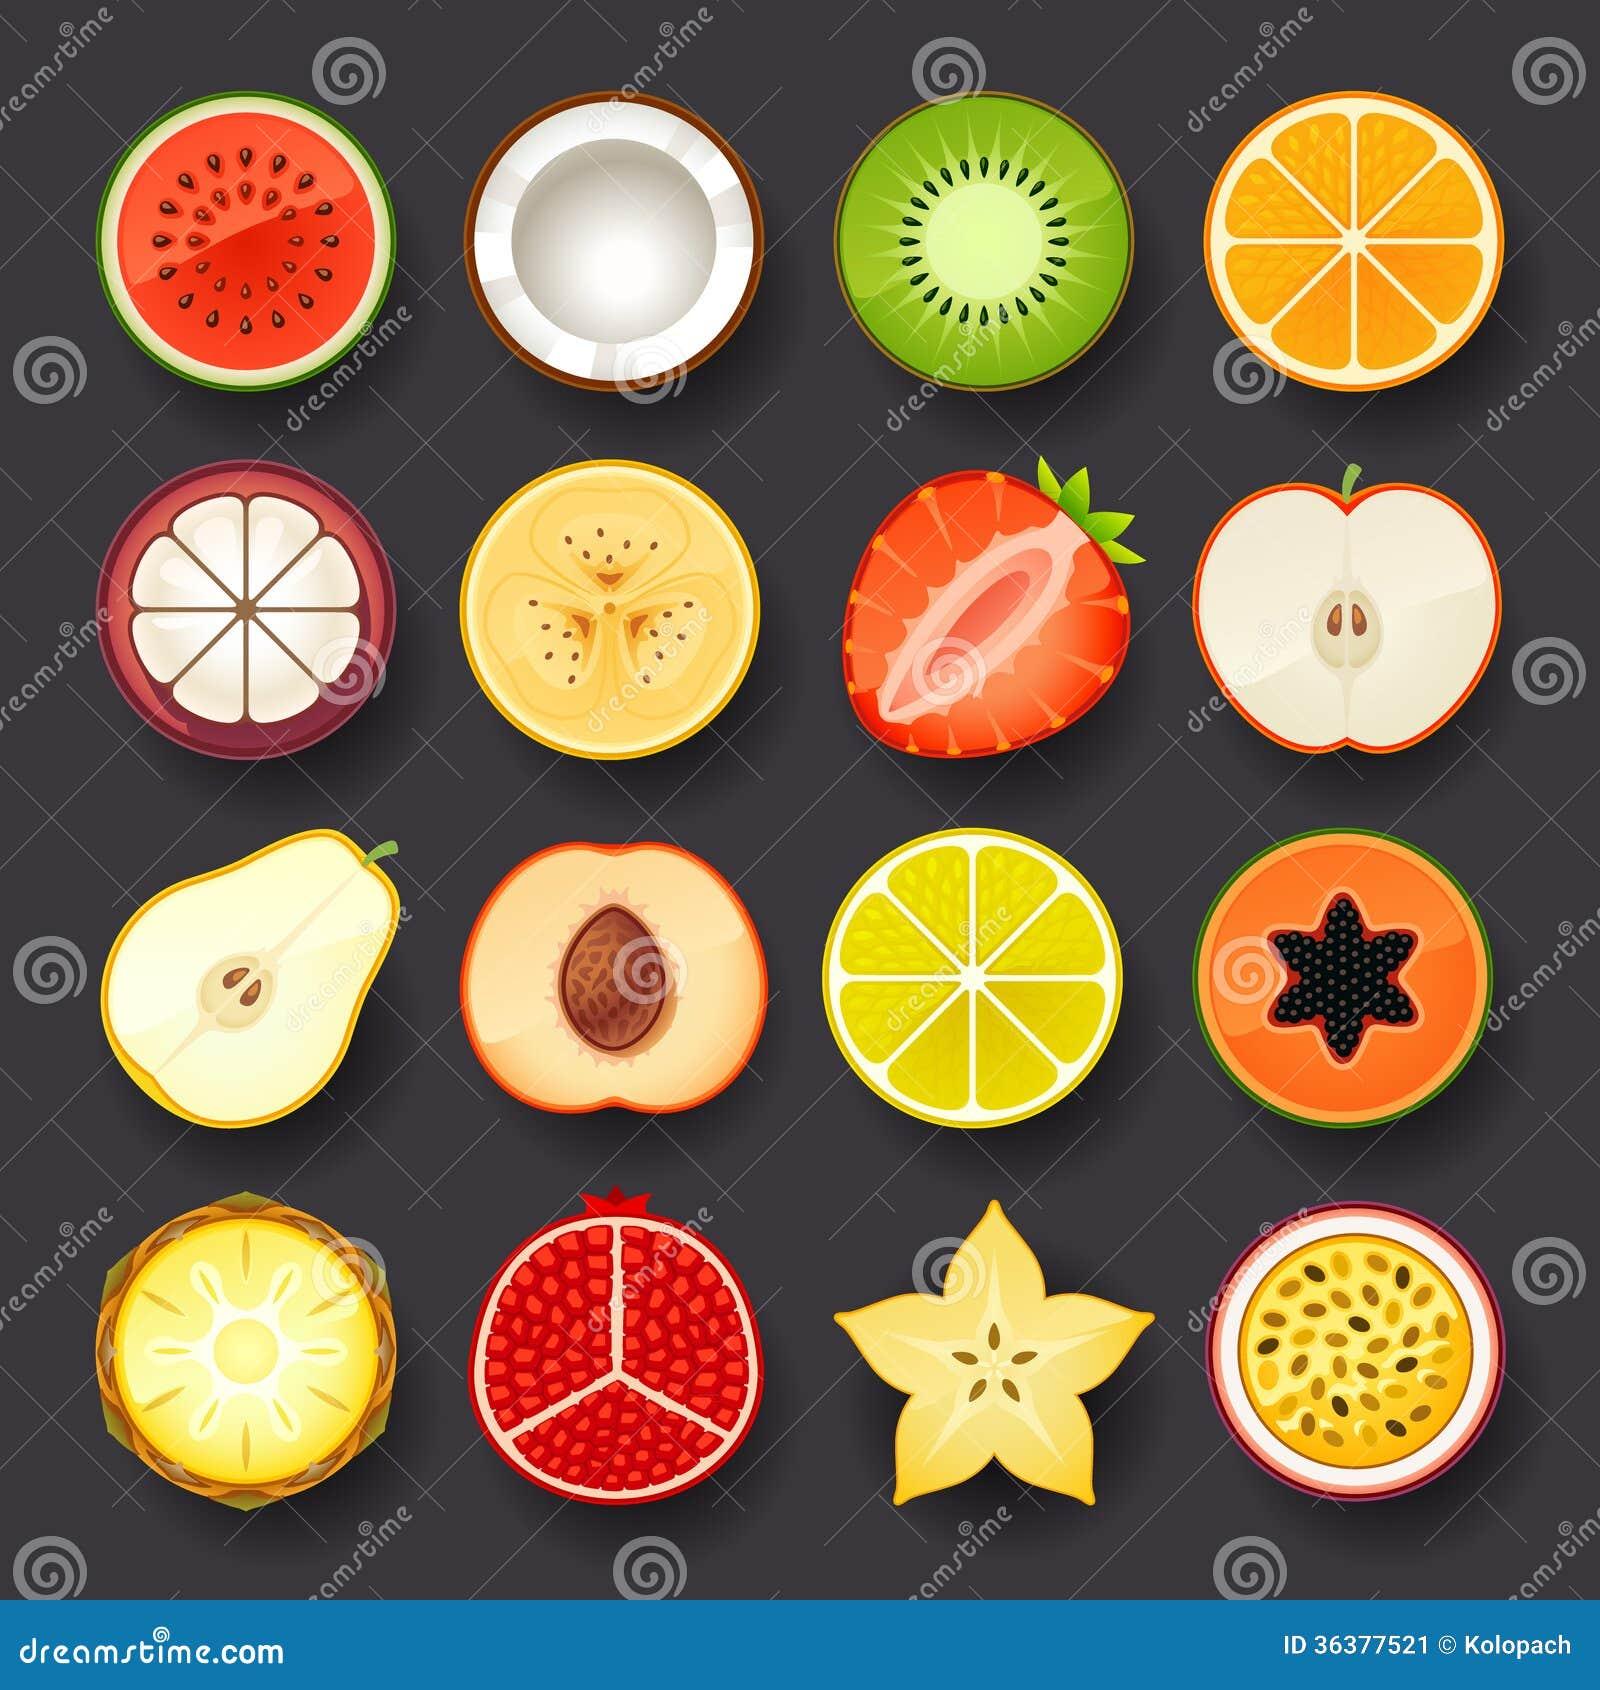 Fruit Icon Set Stock Image - Image: 36377521